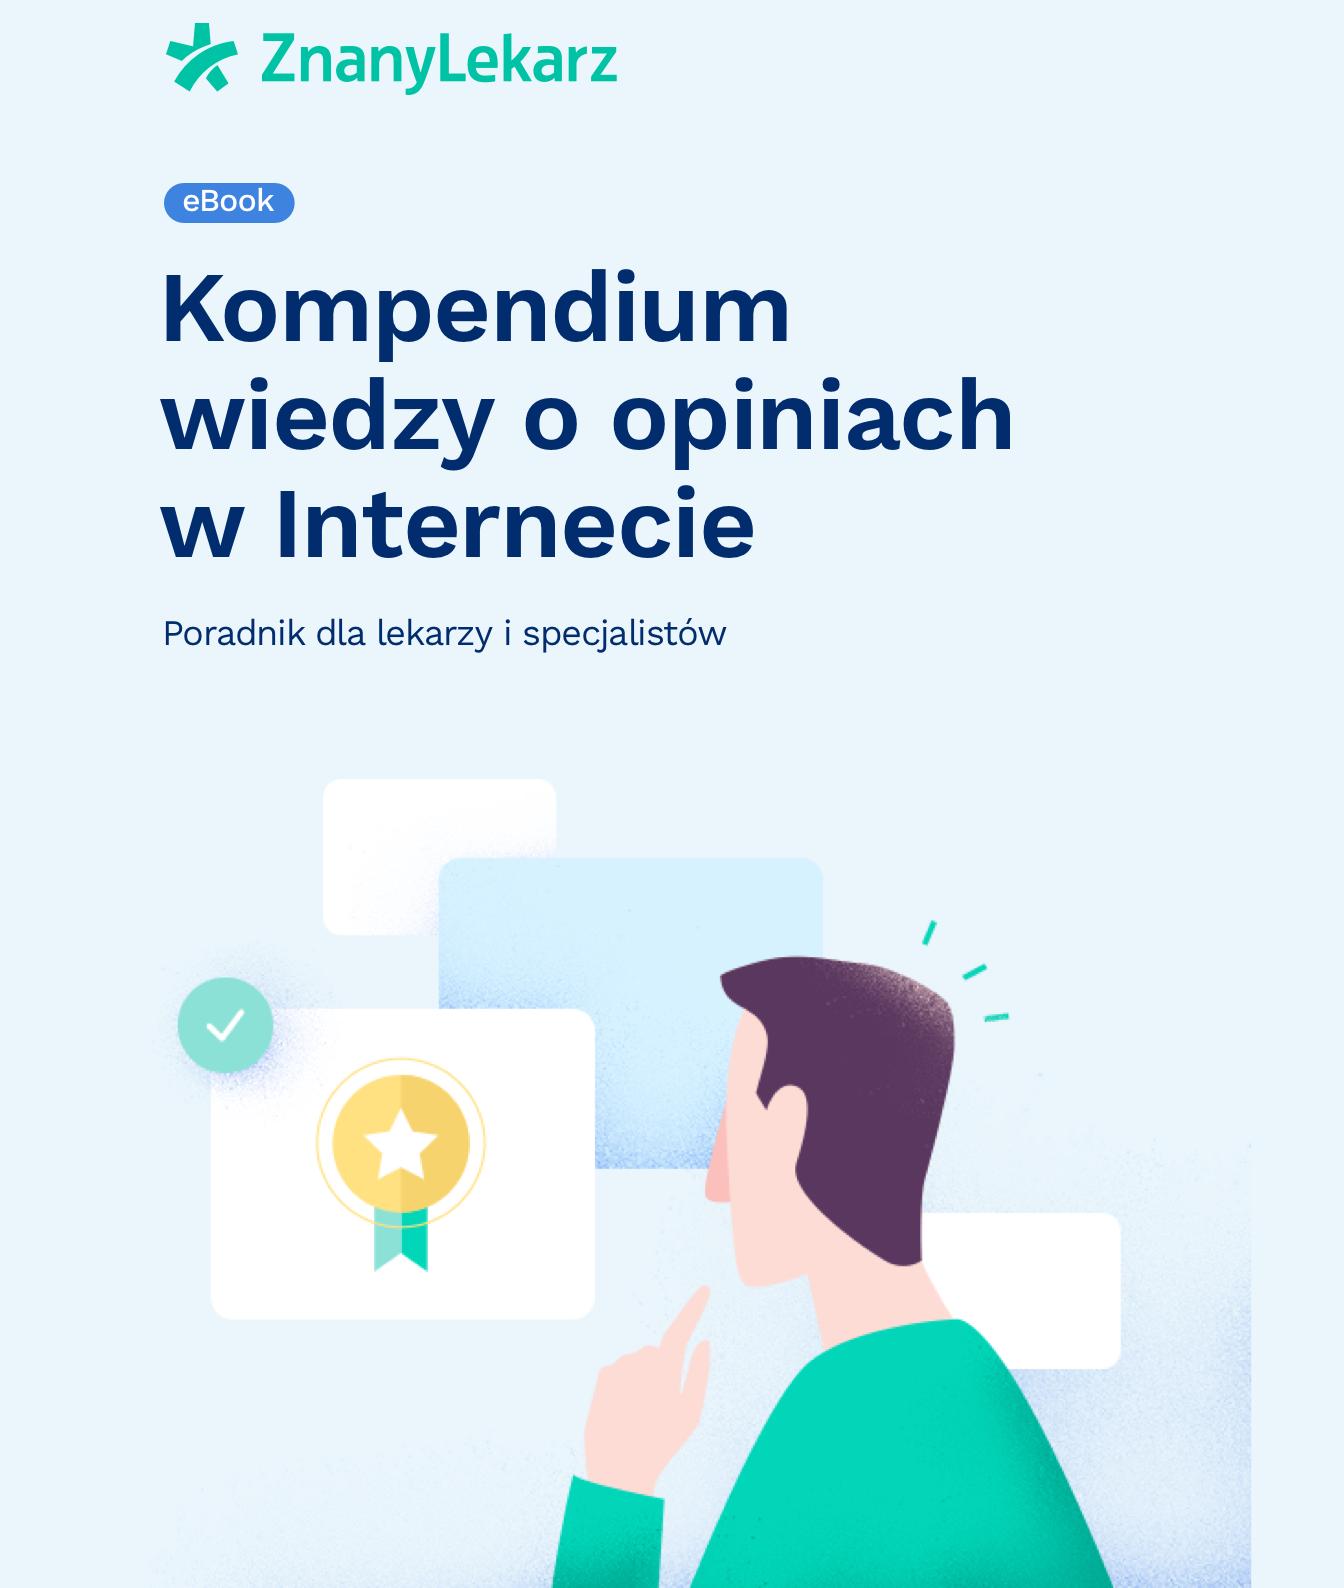 Ebook- Kompendium wiedzy o opiniach w Internecie